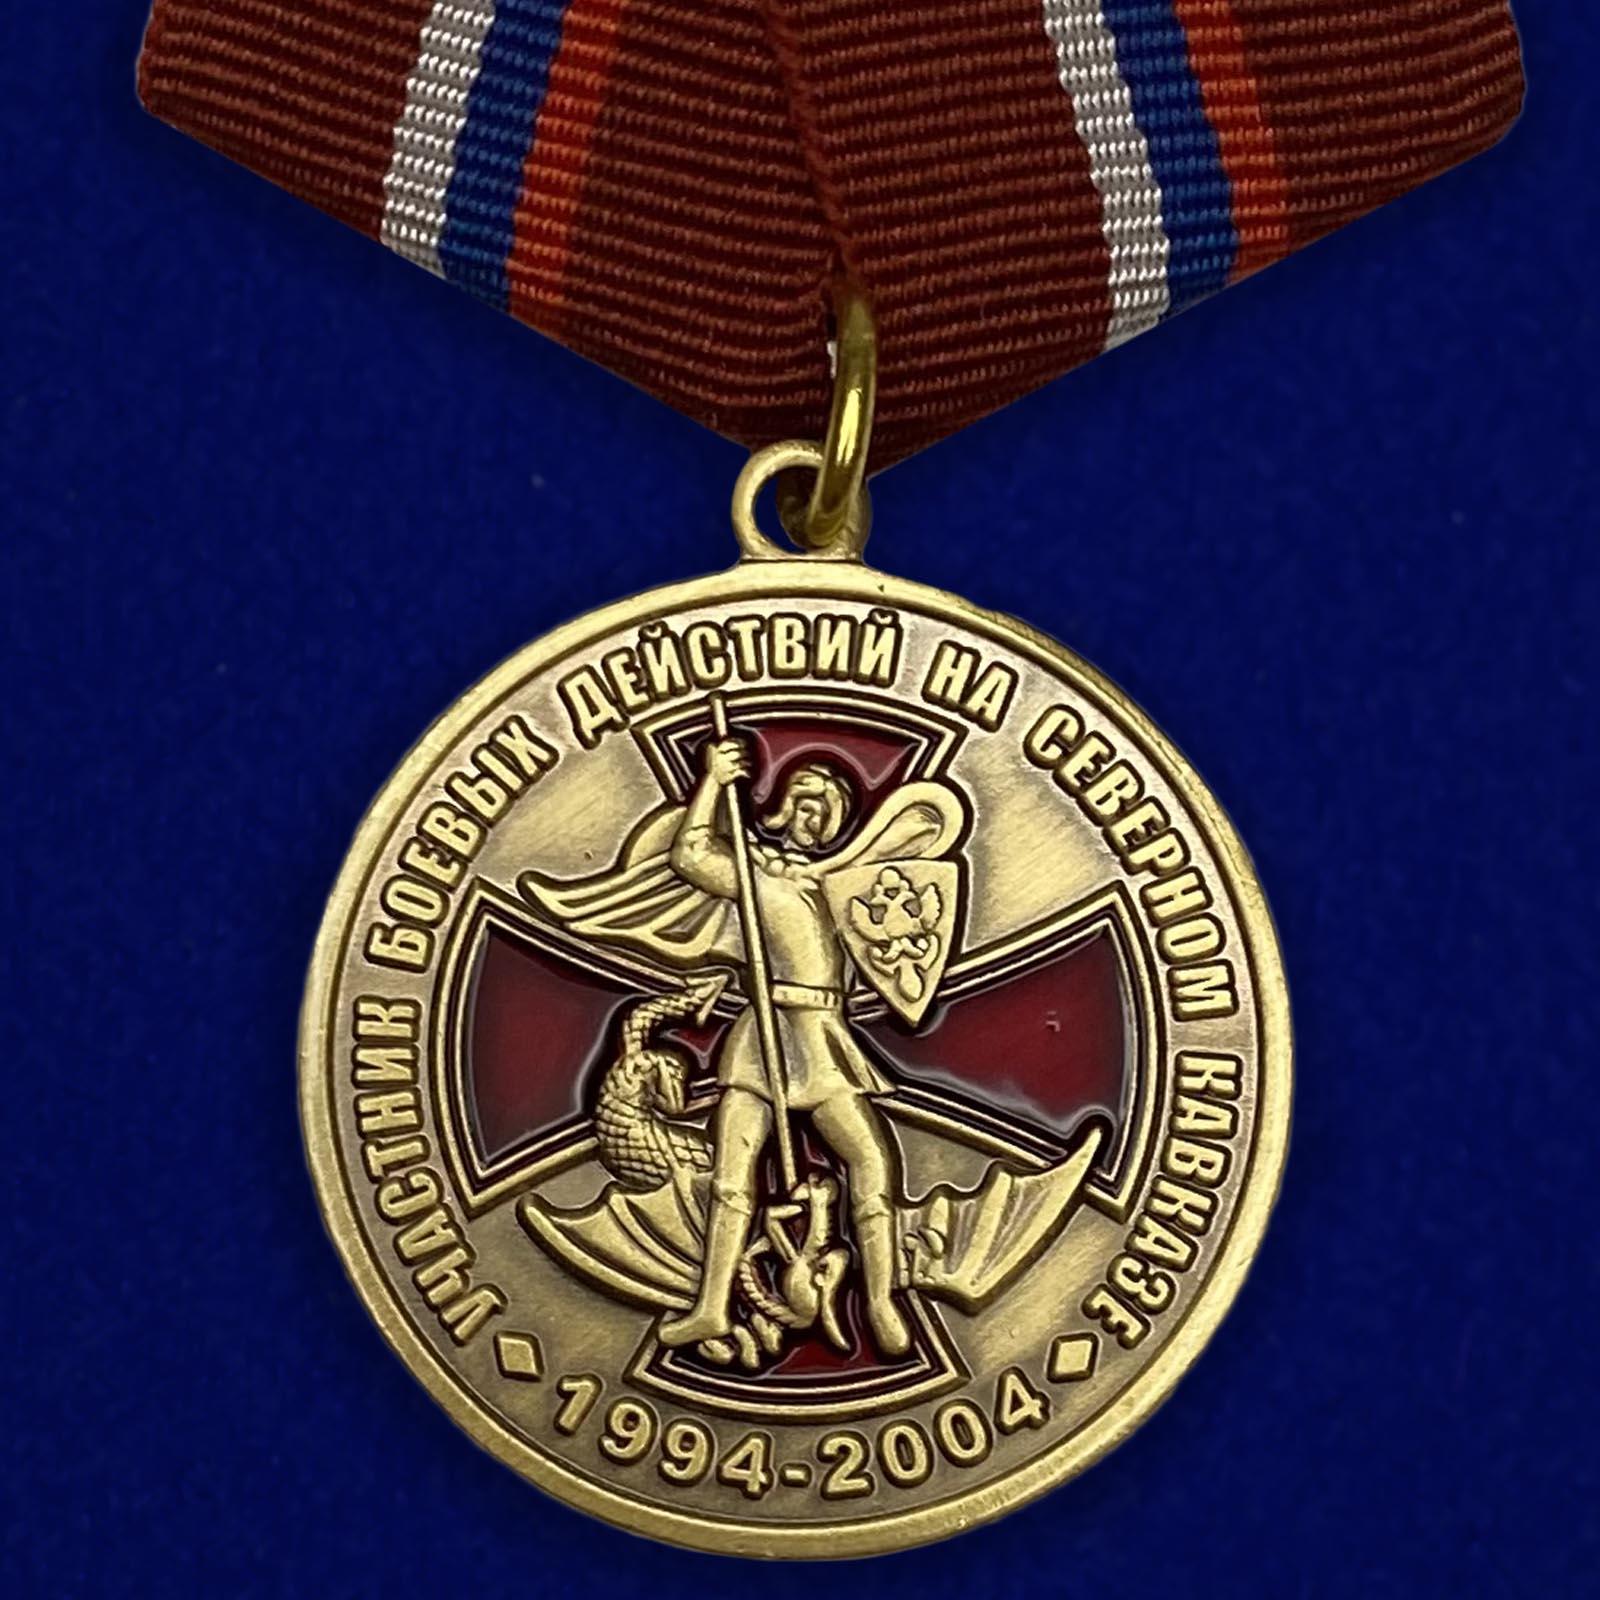 Медаль «Участник боевых действий на Северном Кавказе» 1994-2004